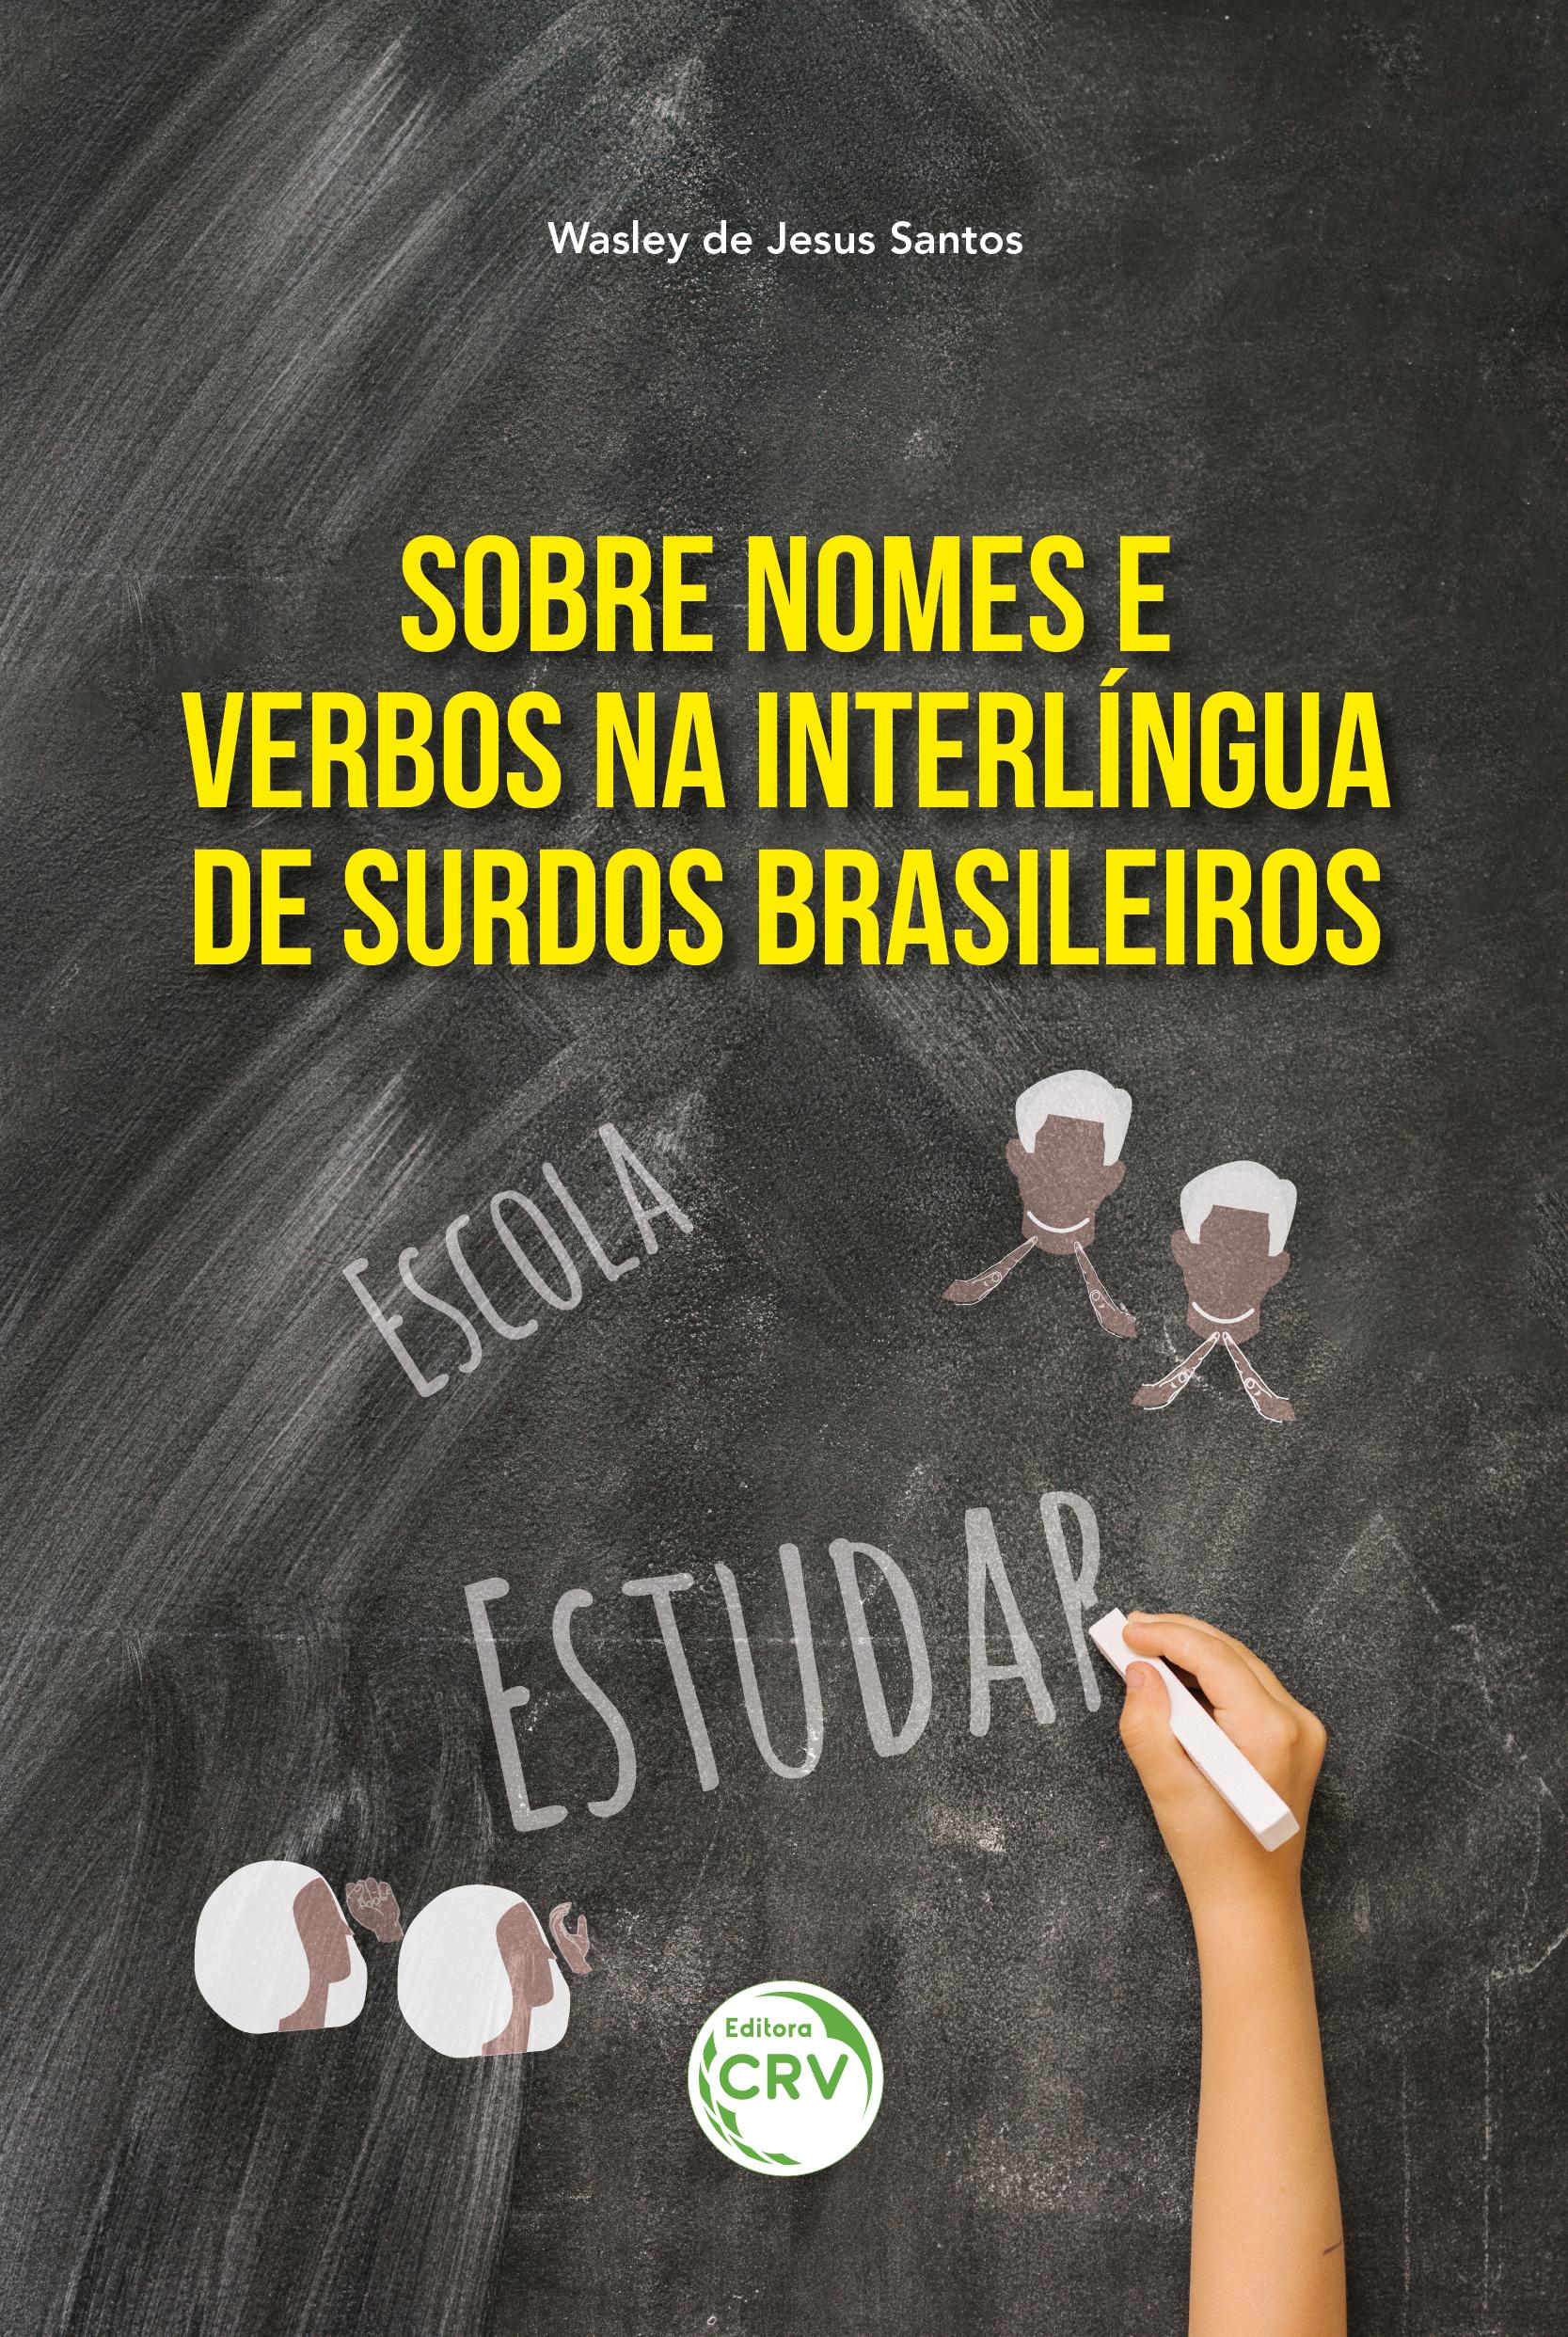 Capa do livro: SOBRE NOMES E VERBOS NA INTERLÍNGUA DE SURDOS BRASILEIROS